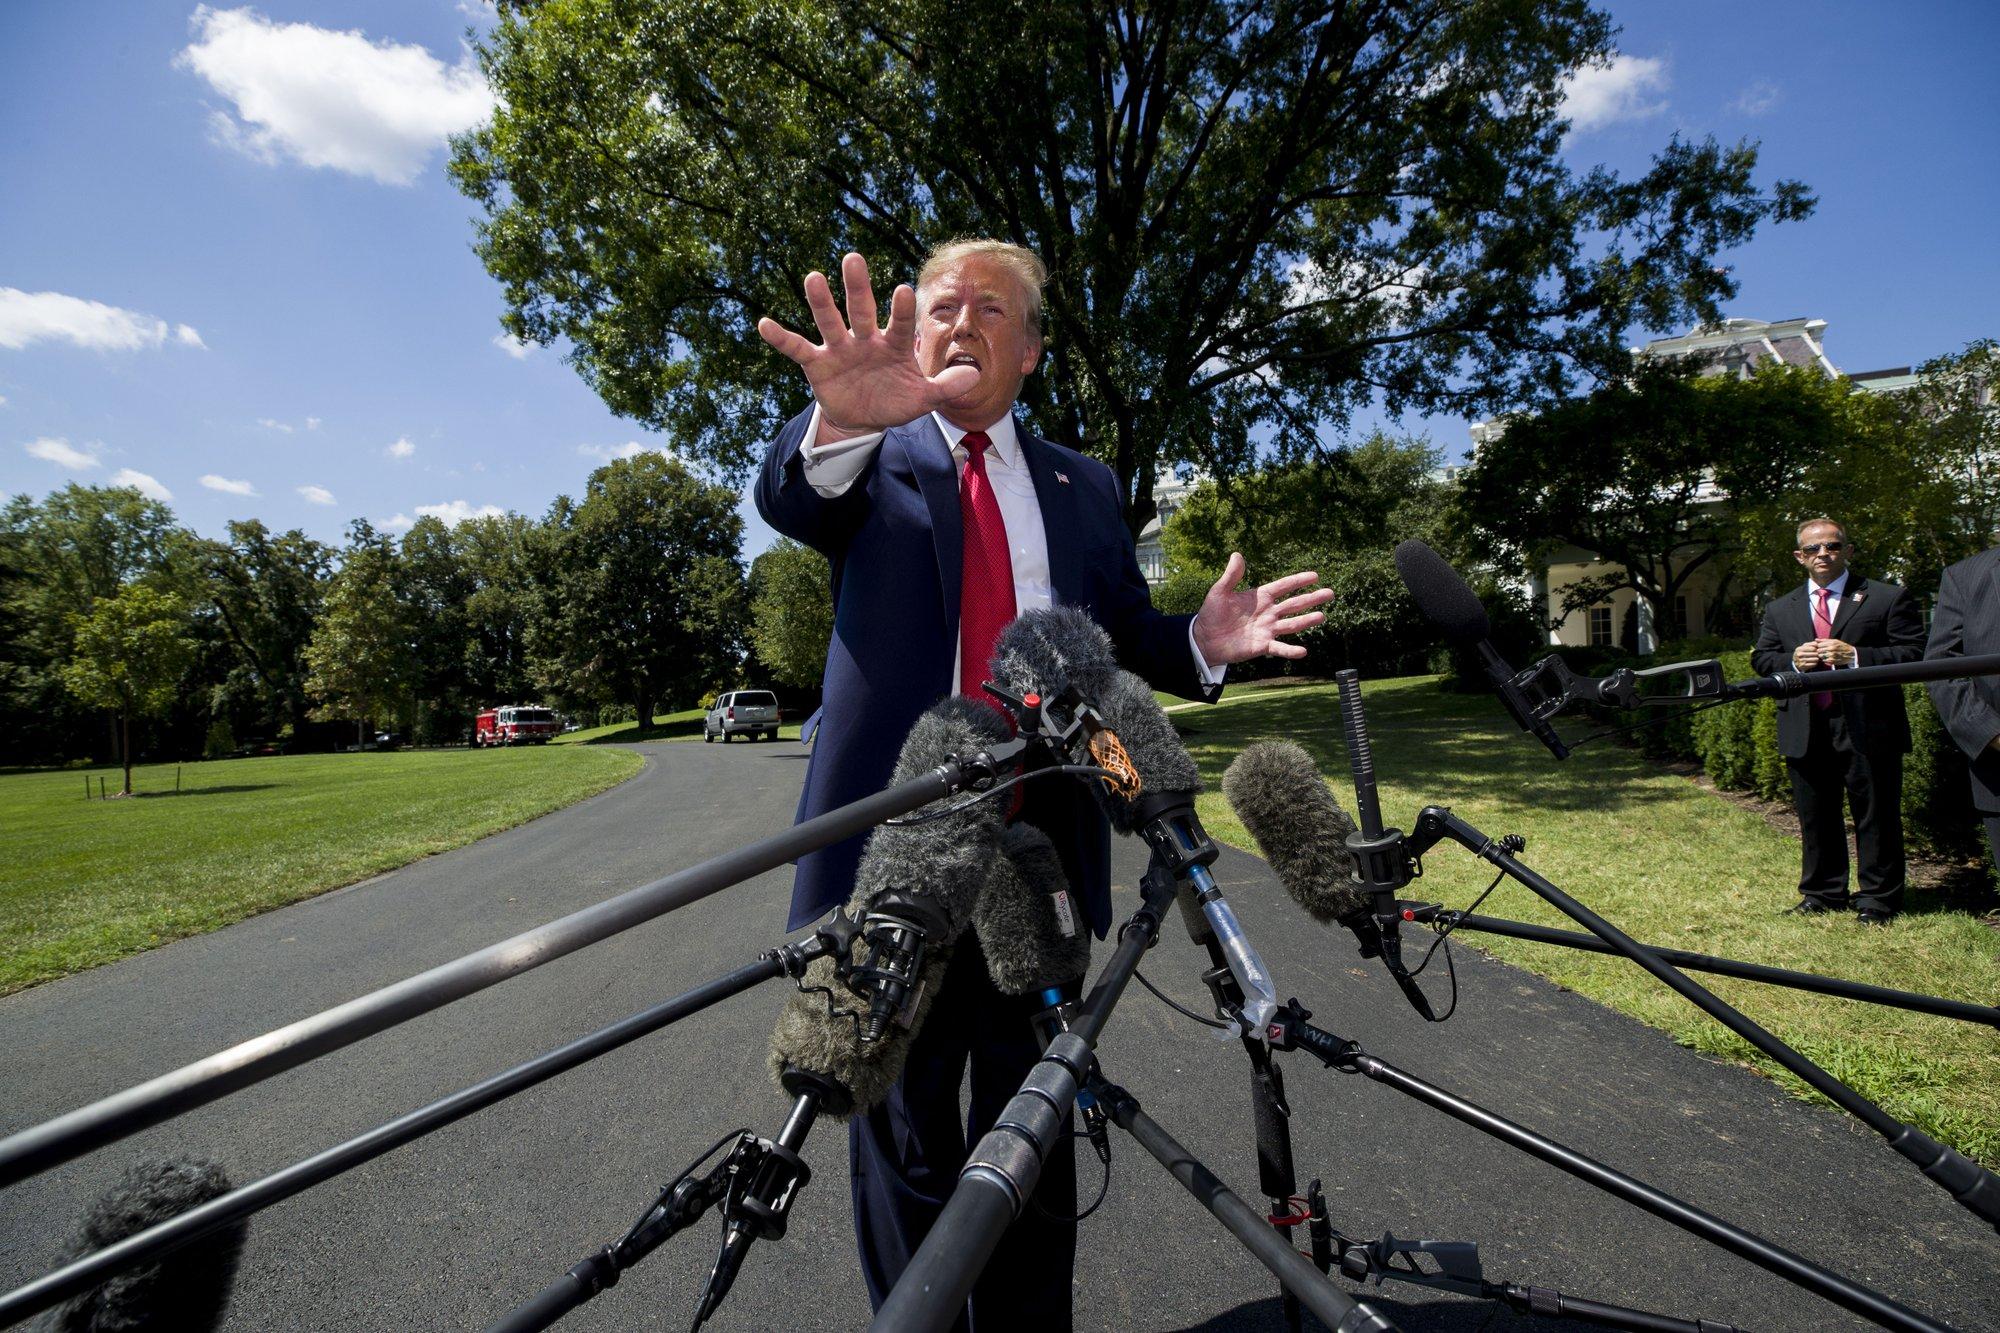 AP Analysis: Trump's 'disloyal' jab may boost base, not Jews